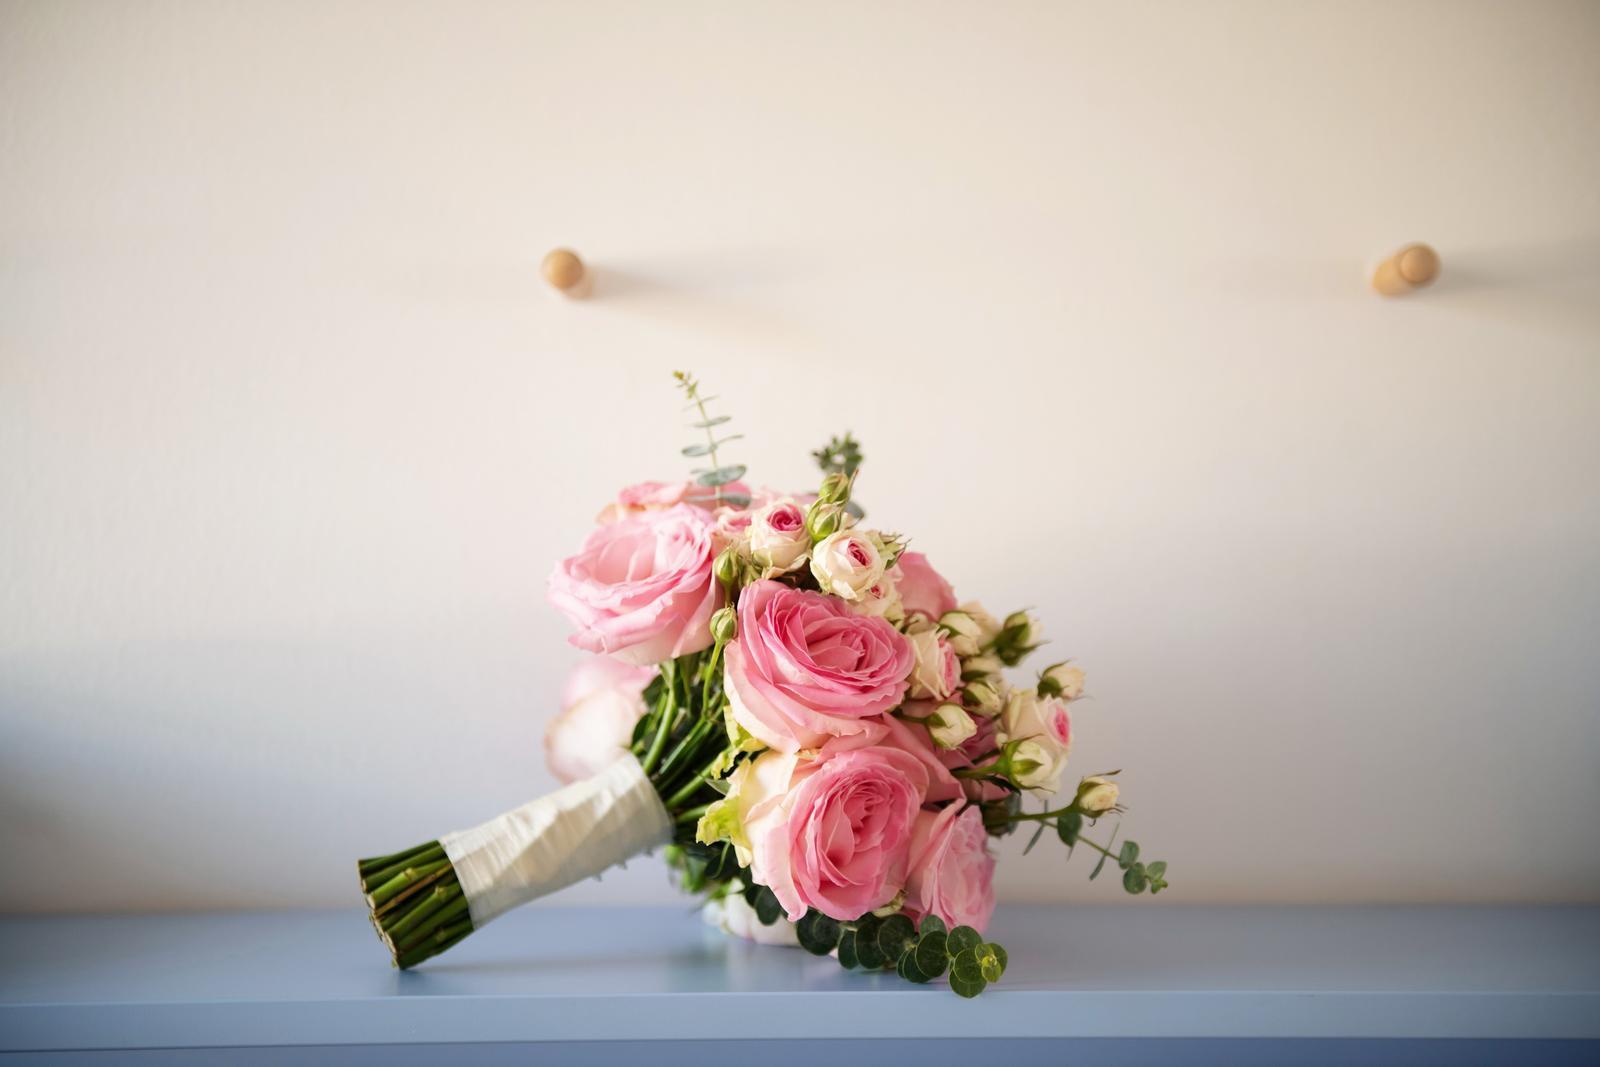 Alexandra{{_AND_}}Dávid - Svadobnu kyticu mi uviazal zenich, kvety sme vyberali spolu, a bola absolutne dokonala. Jednoducha, vonava, a z lasky